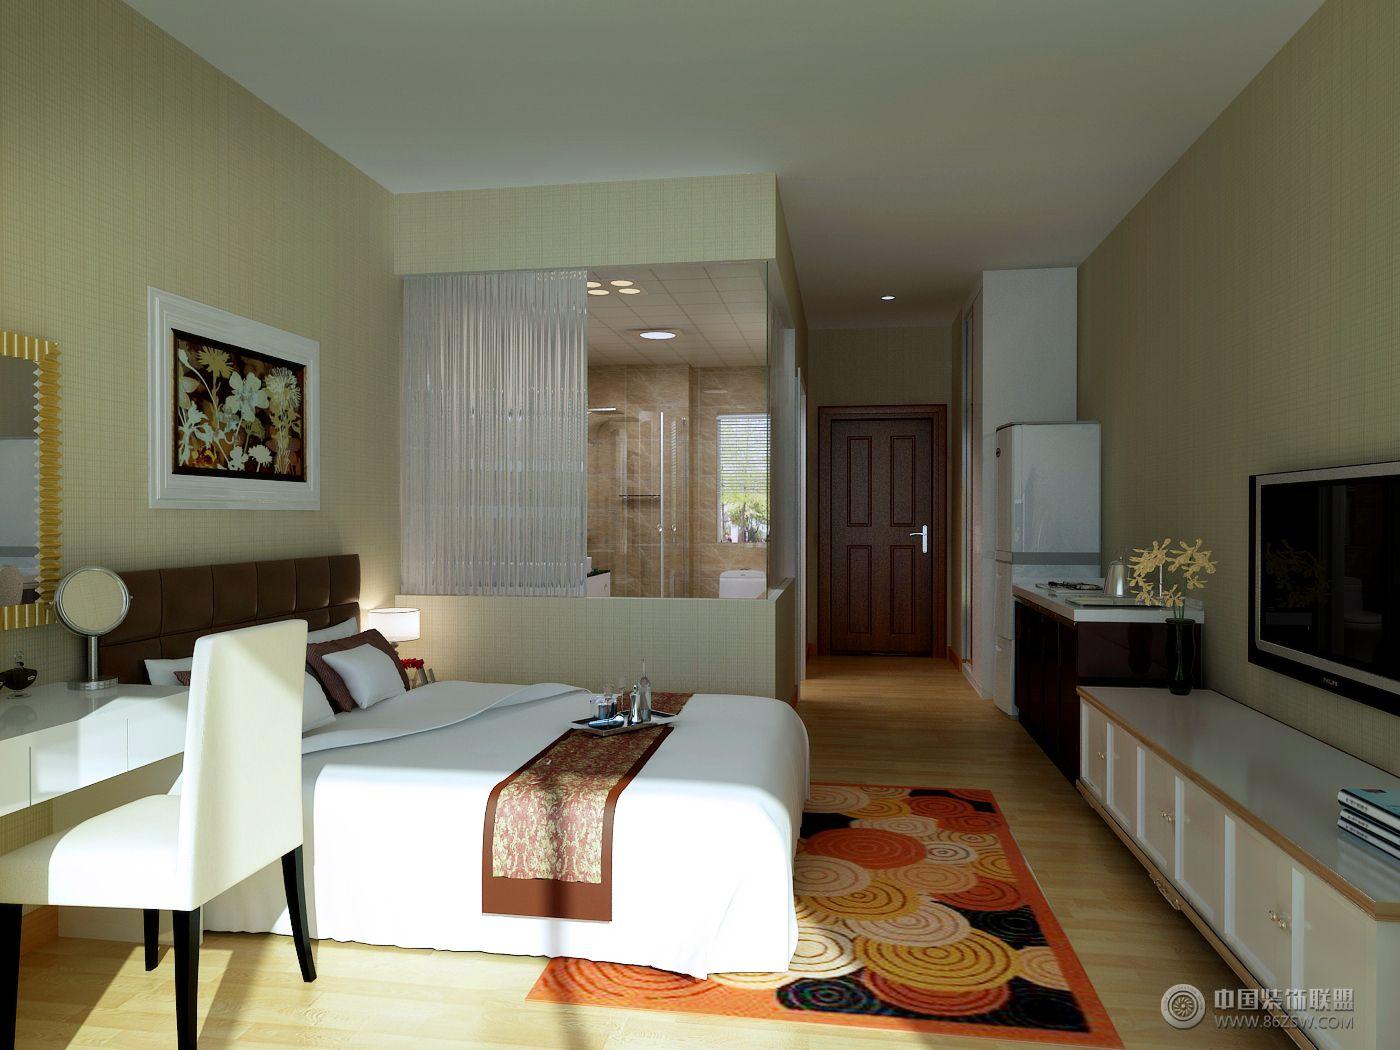 酒店式公寓01_簡約公寓裝修效果圖_八六(中國)裝飾聯盟裝修效果圖庫(8